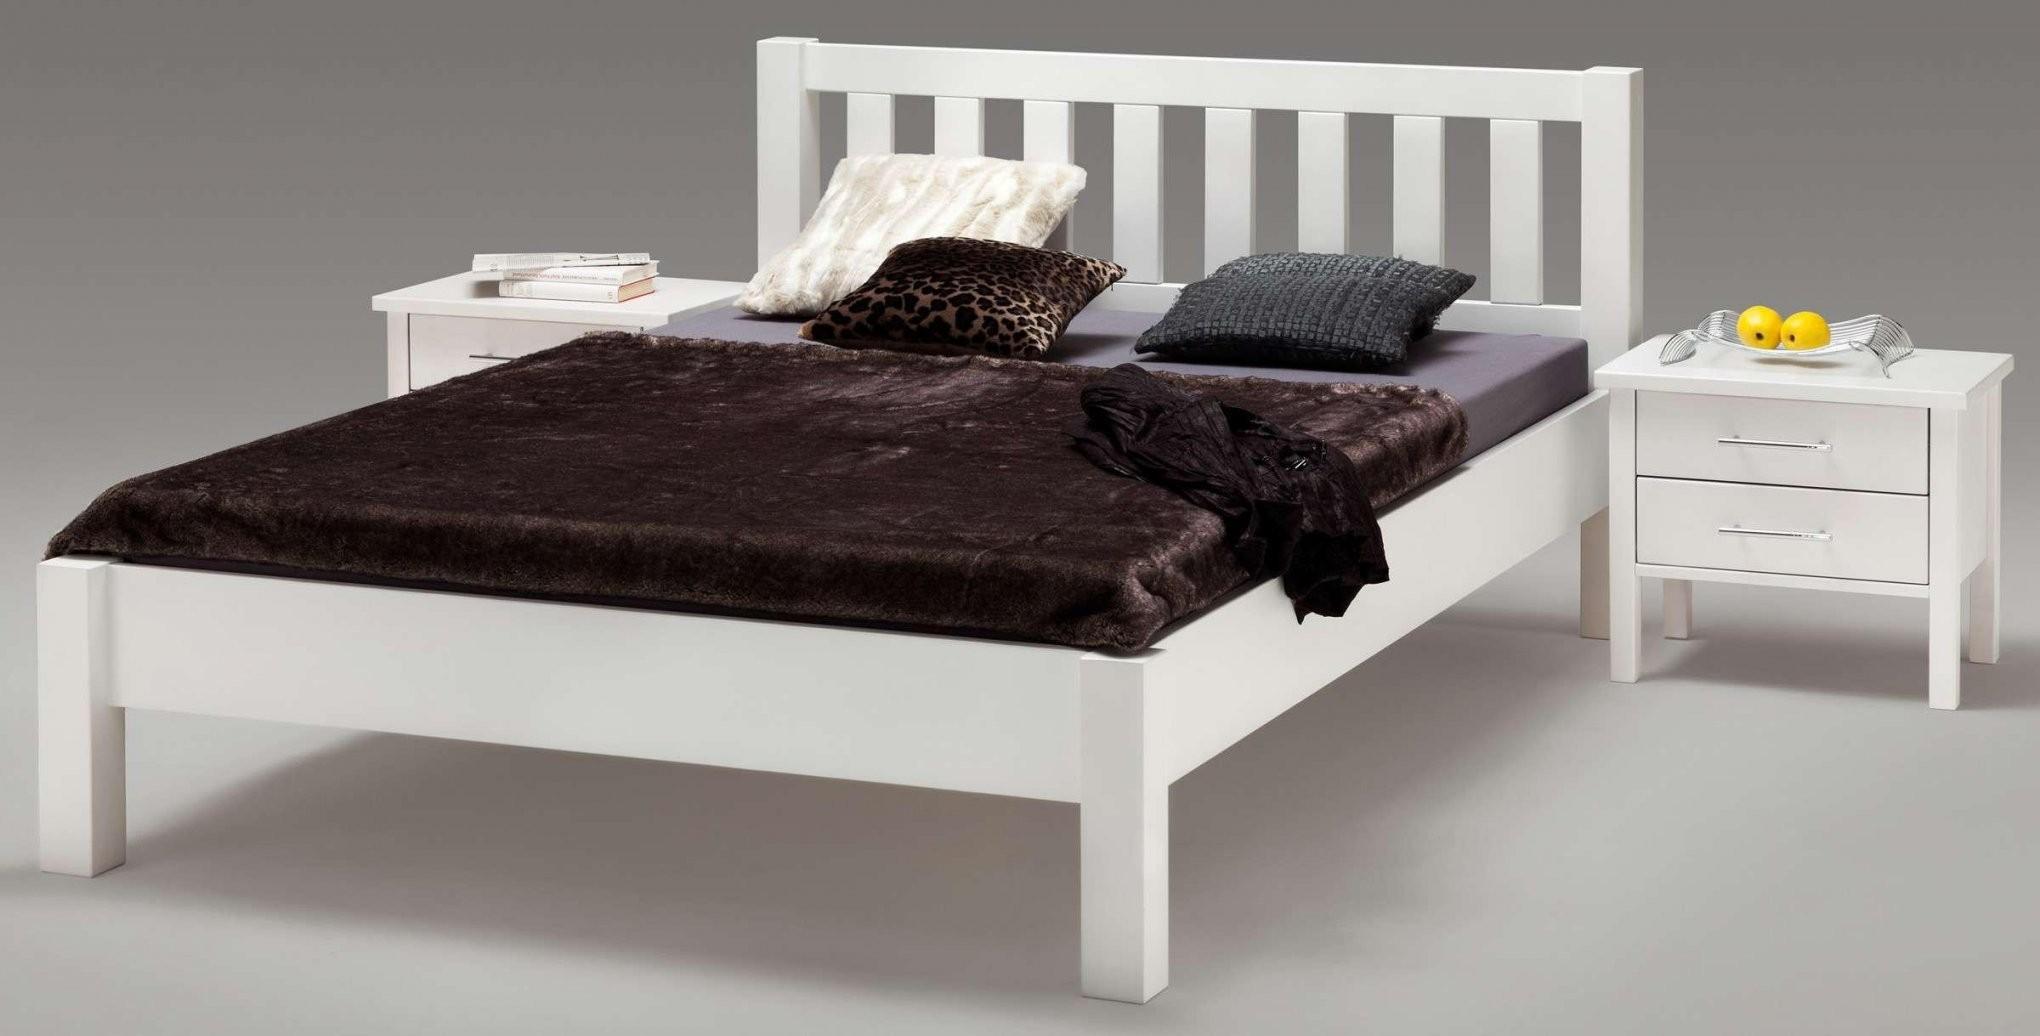 Betten Günstig 140×200 Schön Bett Kaufen 140×200 Stunning Bett Bett von Betten Kaufen 140X200 Bild